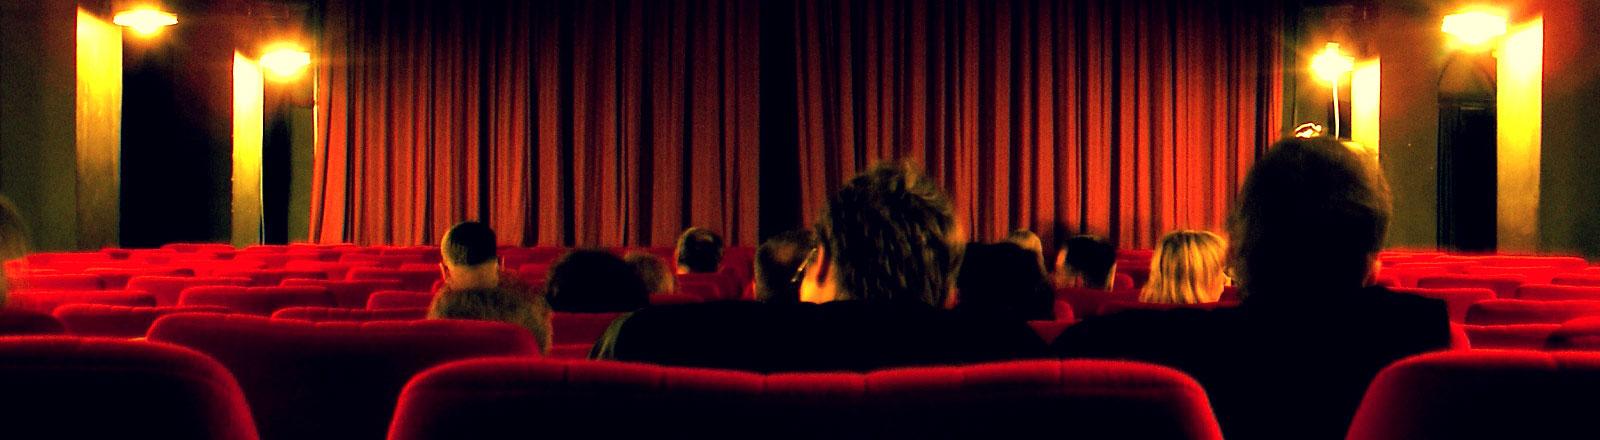 Kinopublikum sitzt in einem Kinosaal